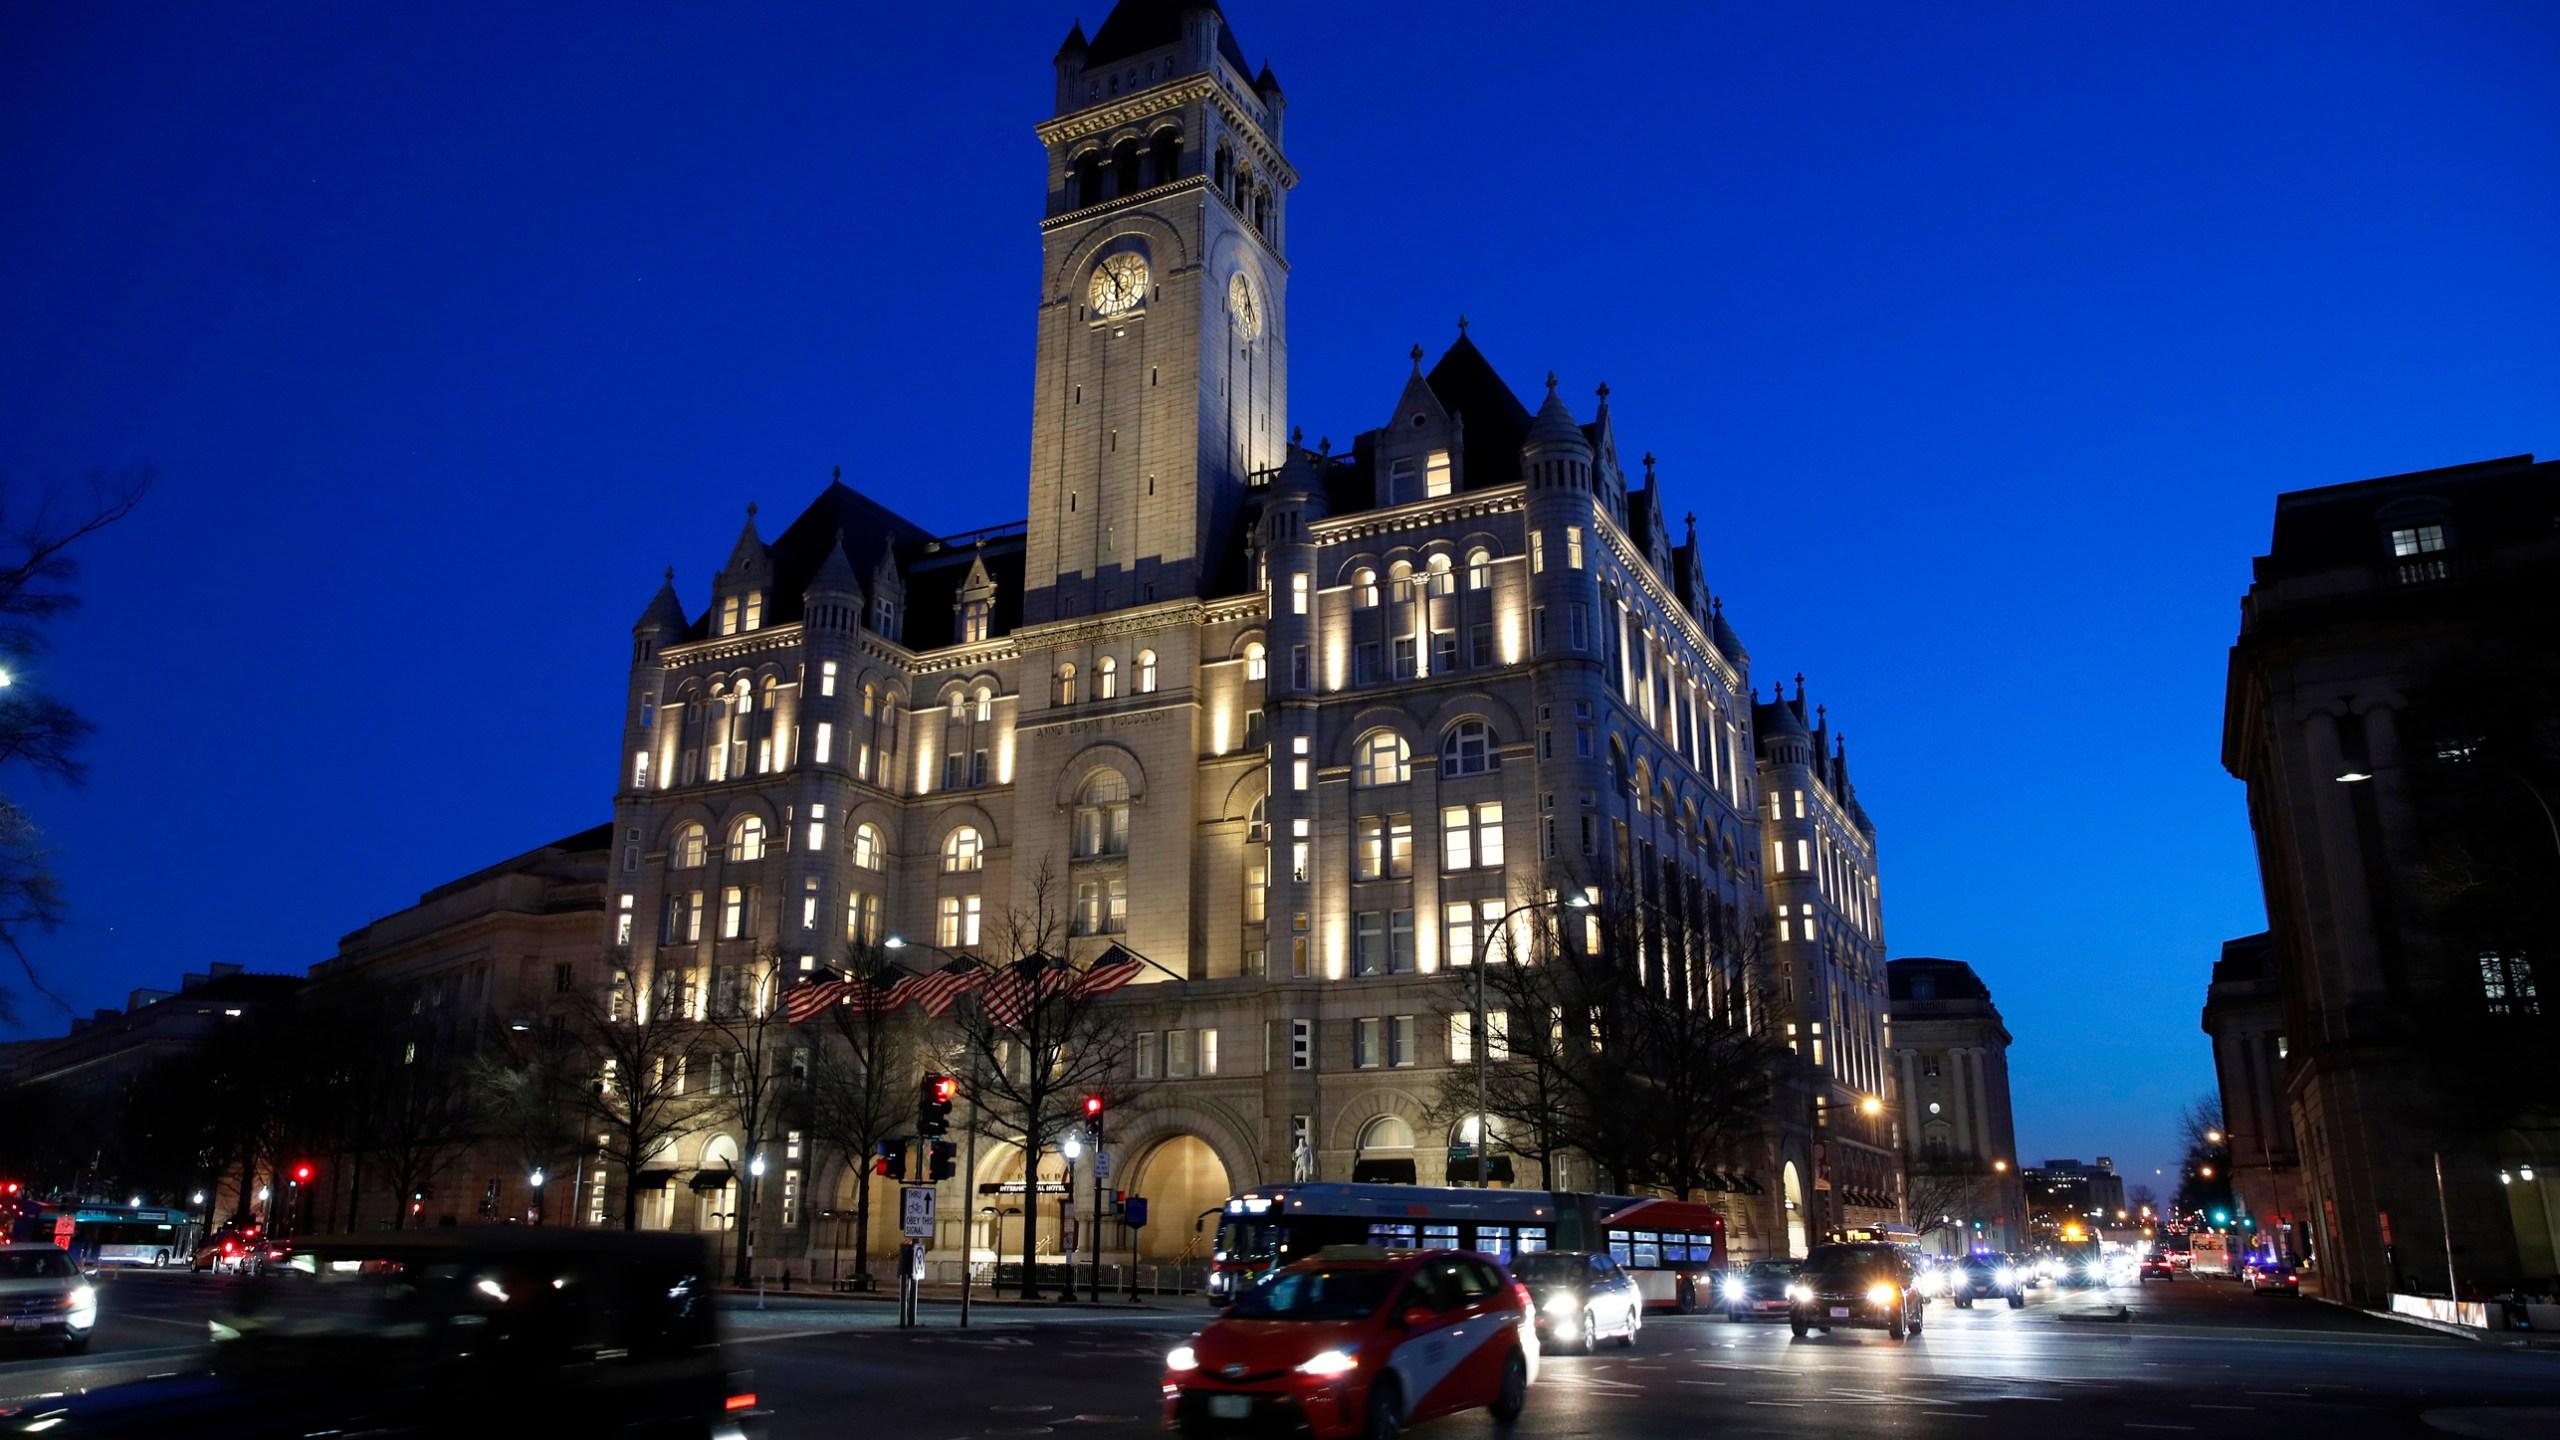 Trump_Hotel_Lawsuit_24093-159532.jpg28453554